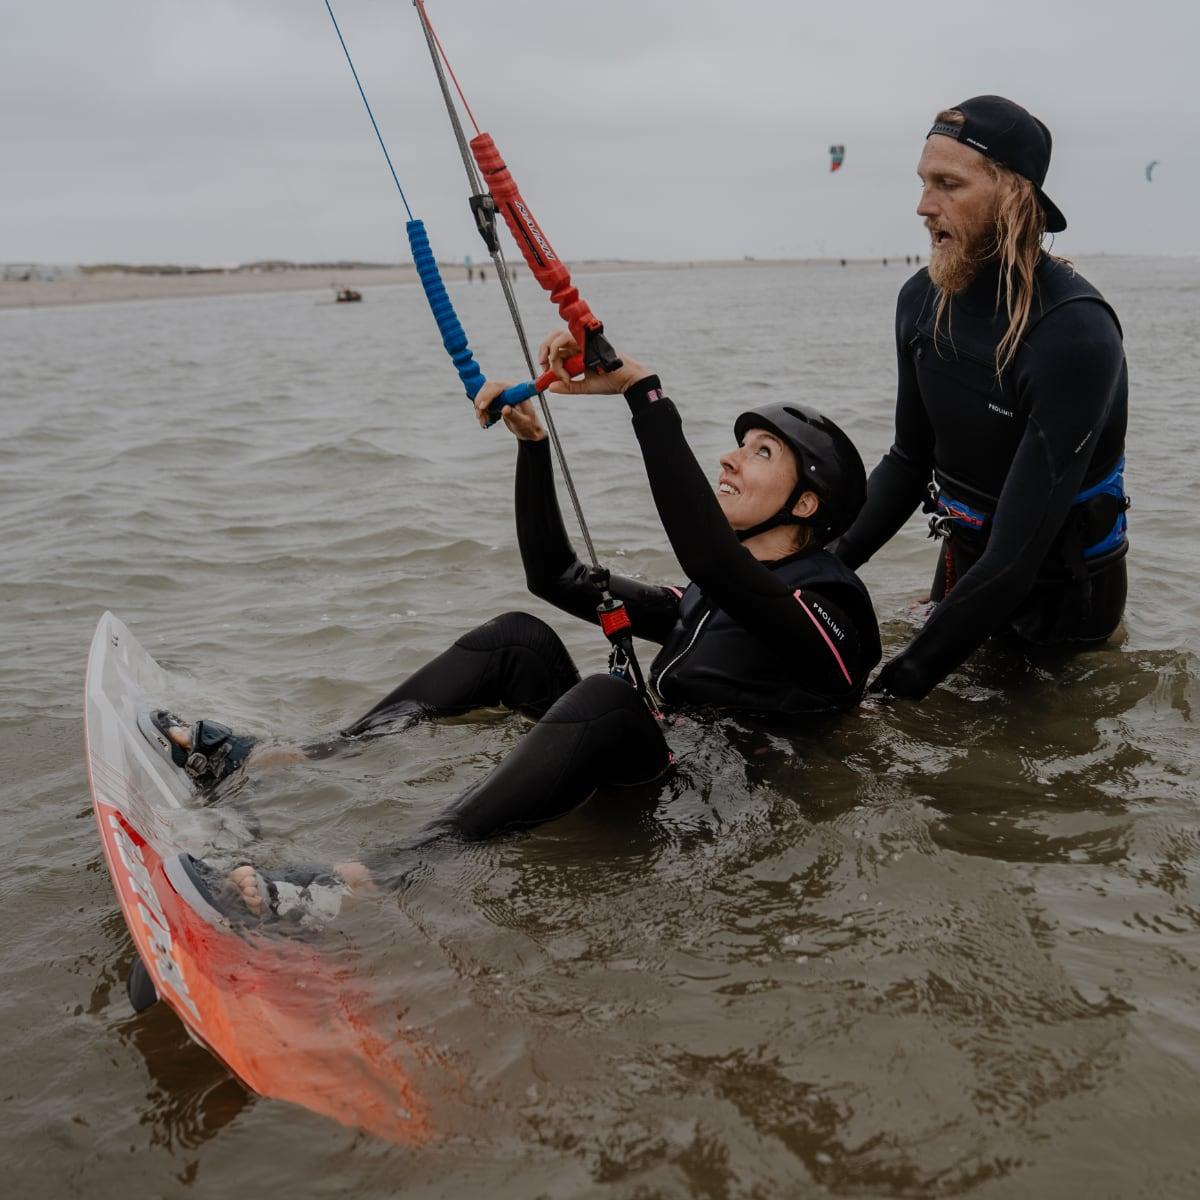 Leren kitesurfen Scheveningen